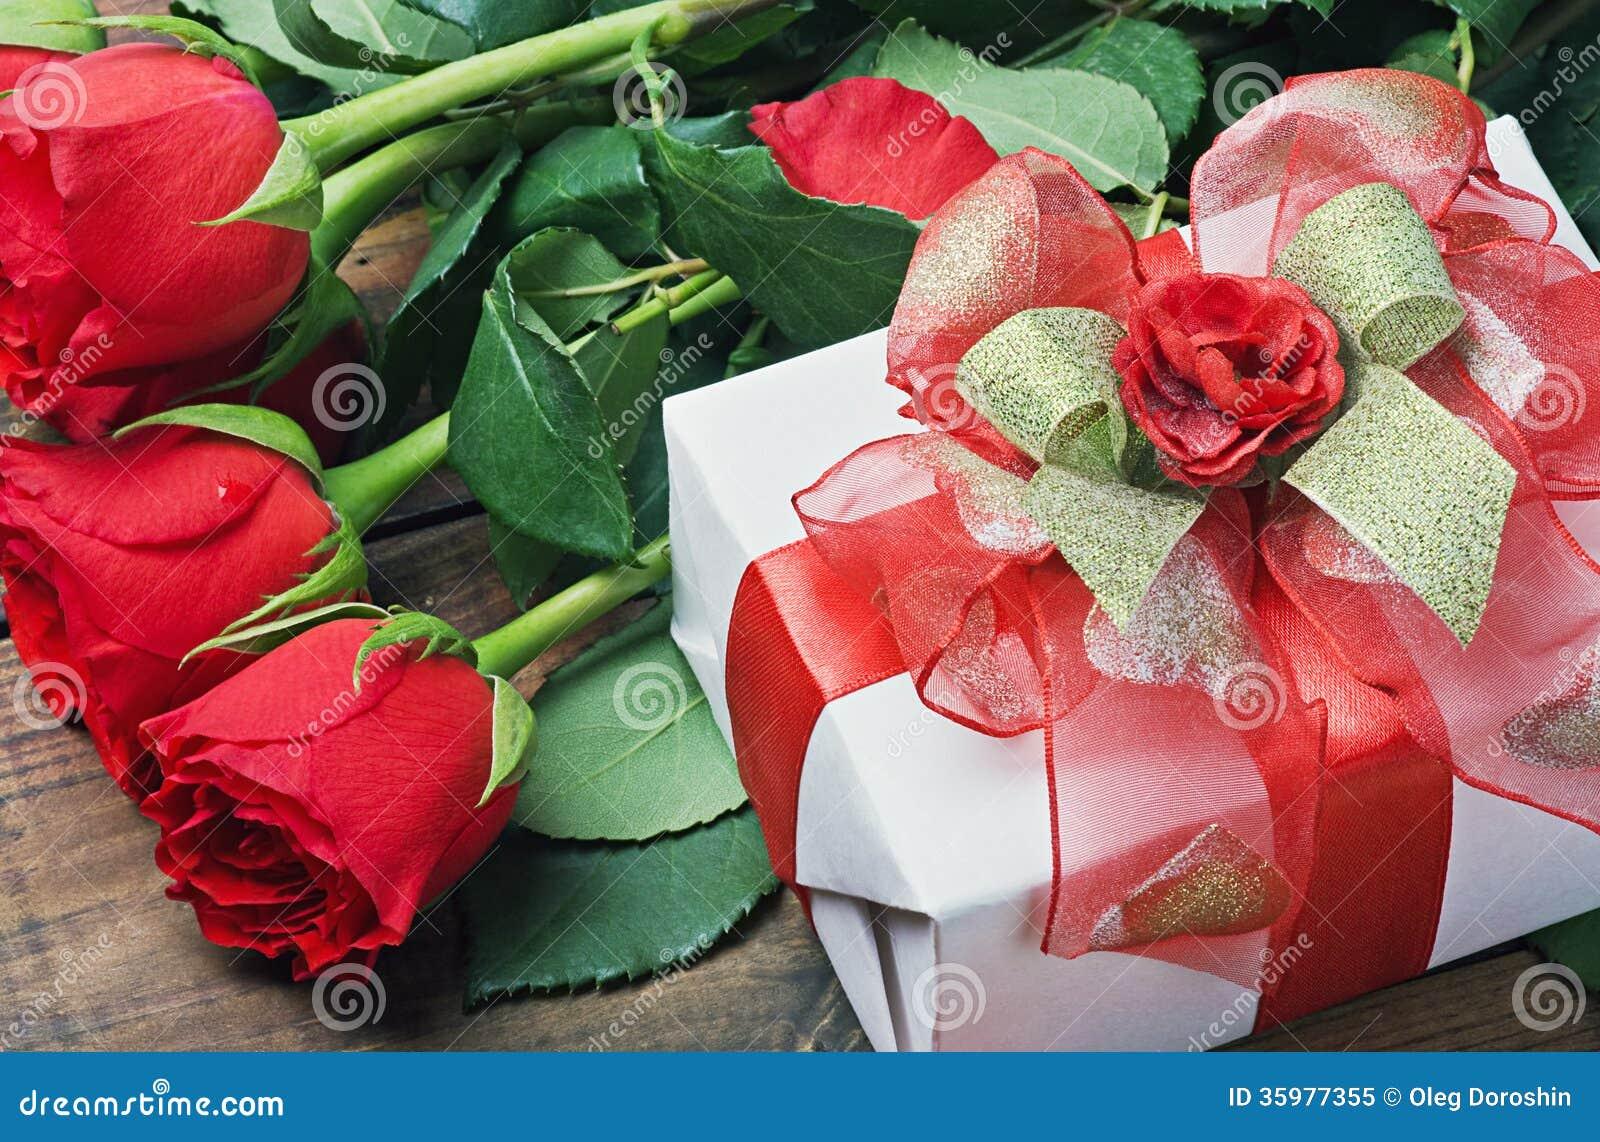 gratis dating website Doetinchem